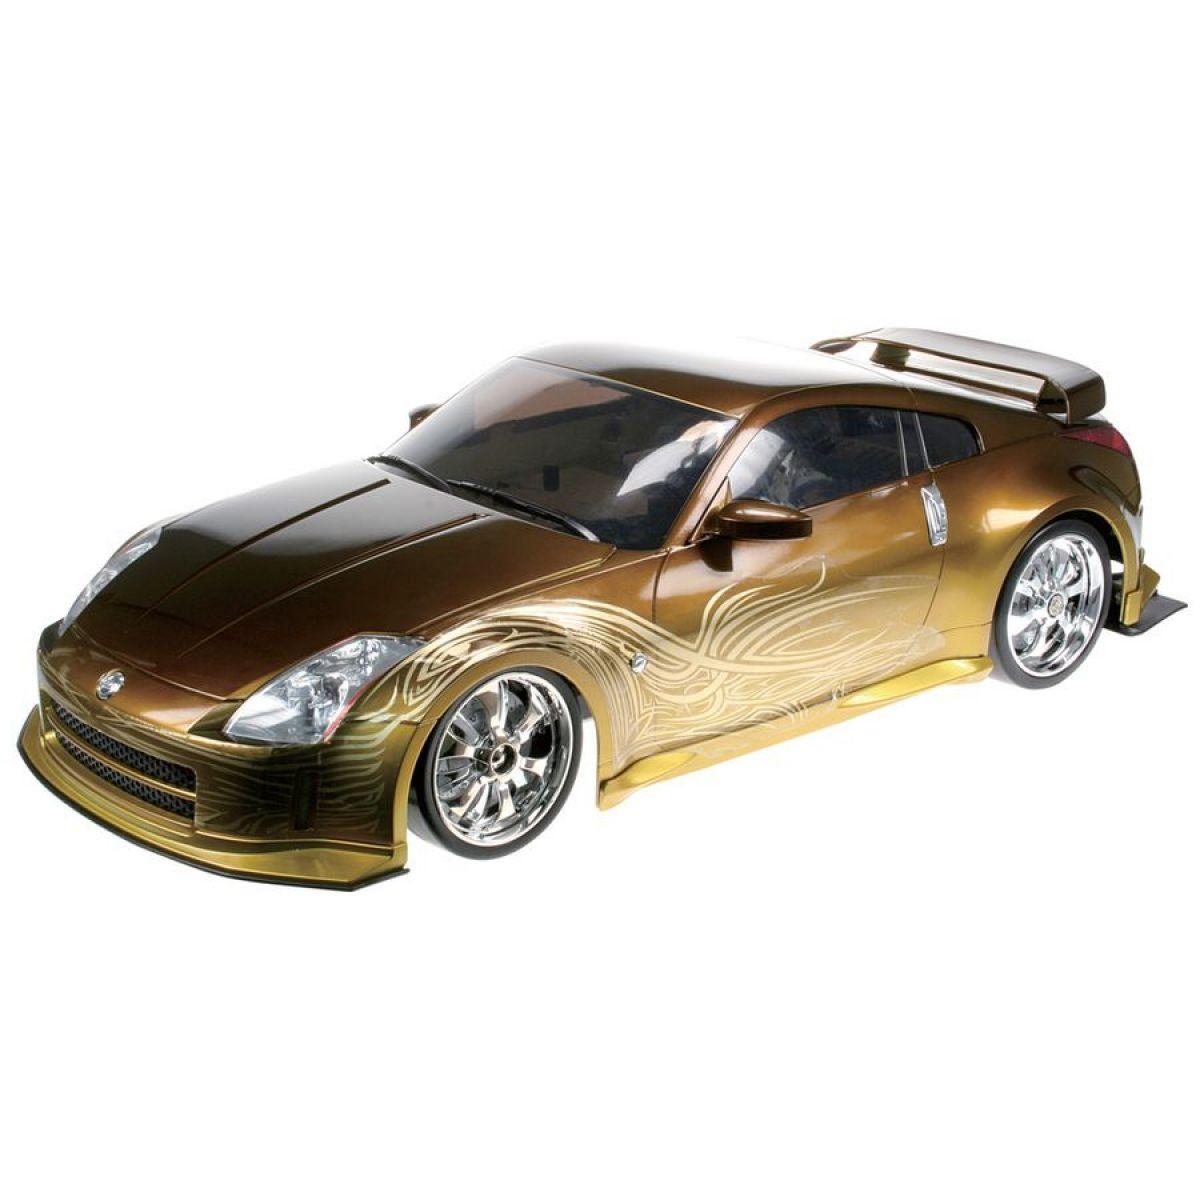 NIKKO 103651 - Nissan 350Z